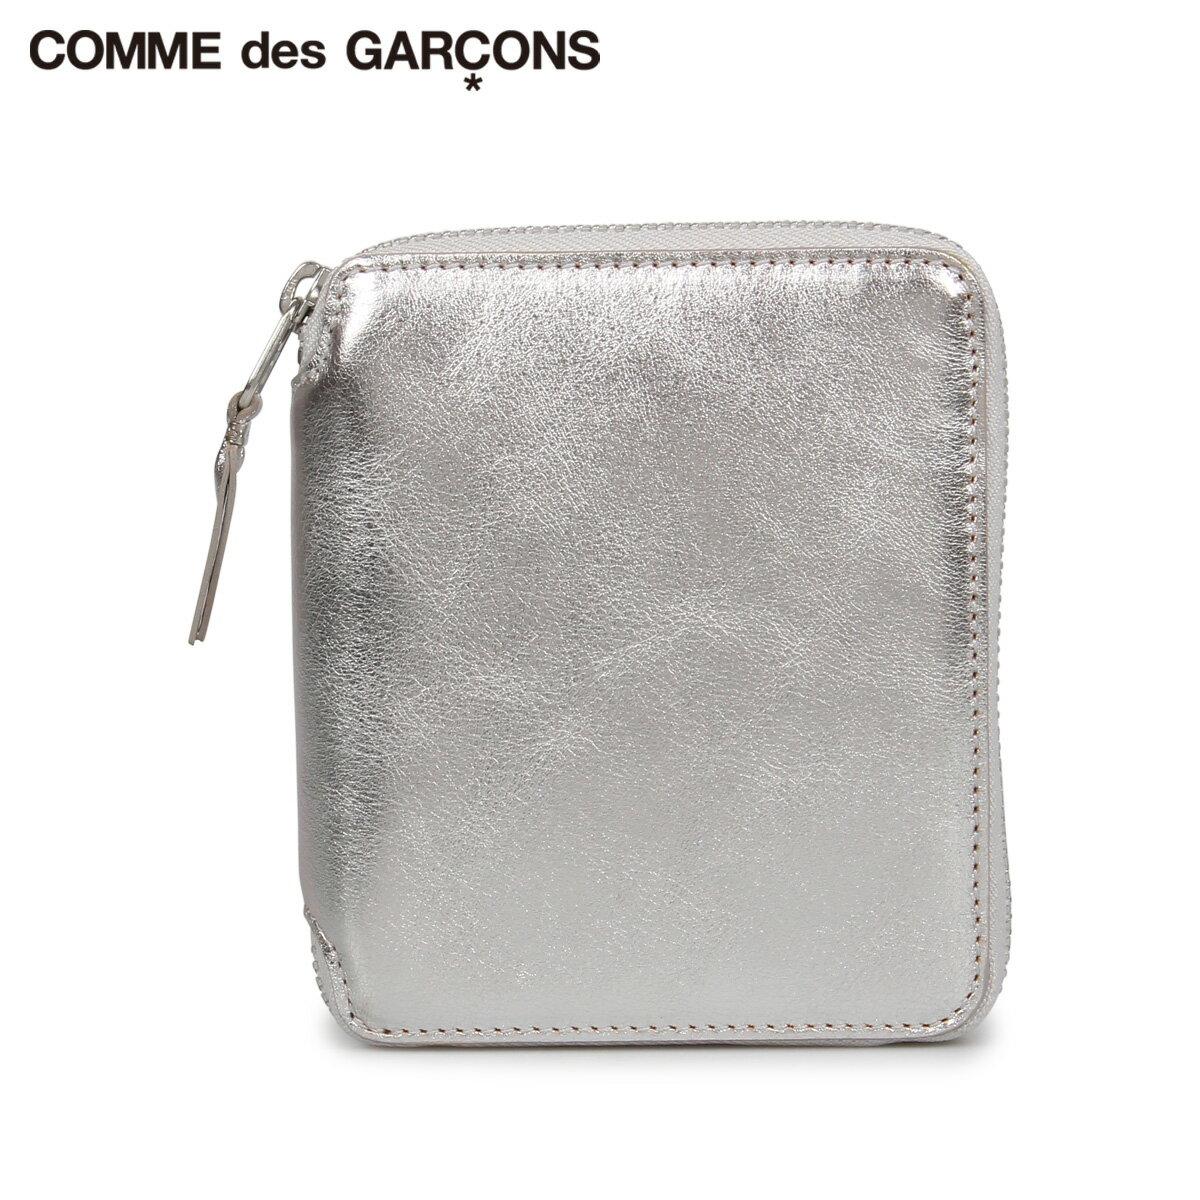 財布・ケース, メンズ財布 COMME des GARCONS GOLD AND SILVER WALLET SA2100G